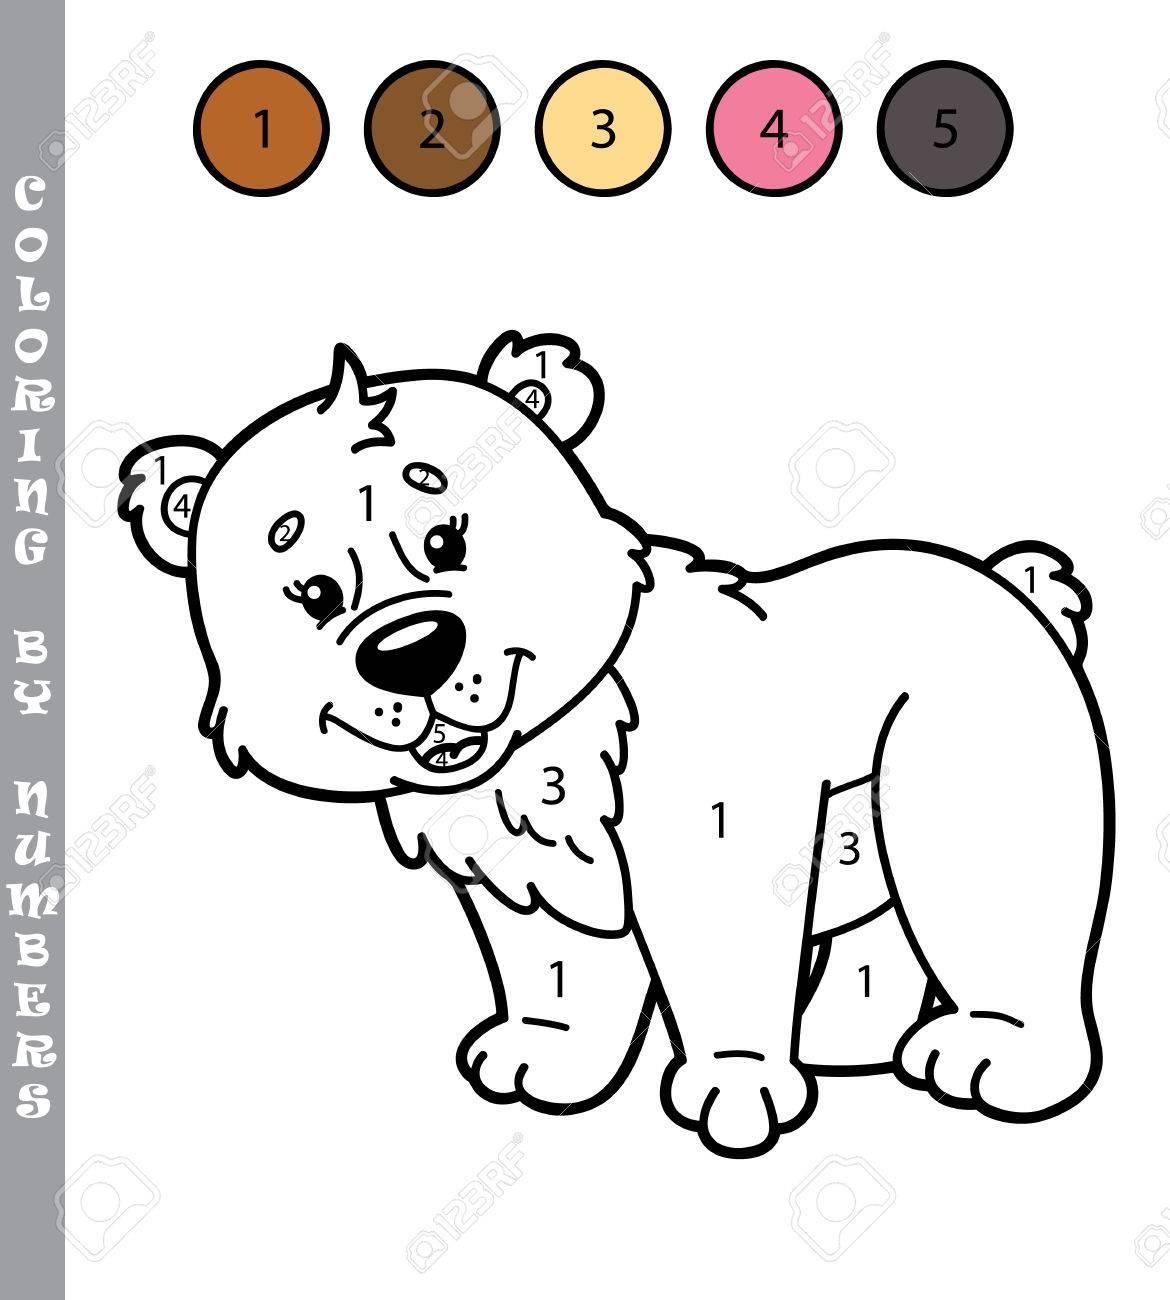 Colorear Por Números Divertido Juego Ilustración Vectorial Para Colorear Por Números Juego Del Oso De Dibujos Animados Para Los Niños